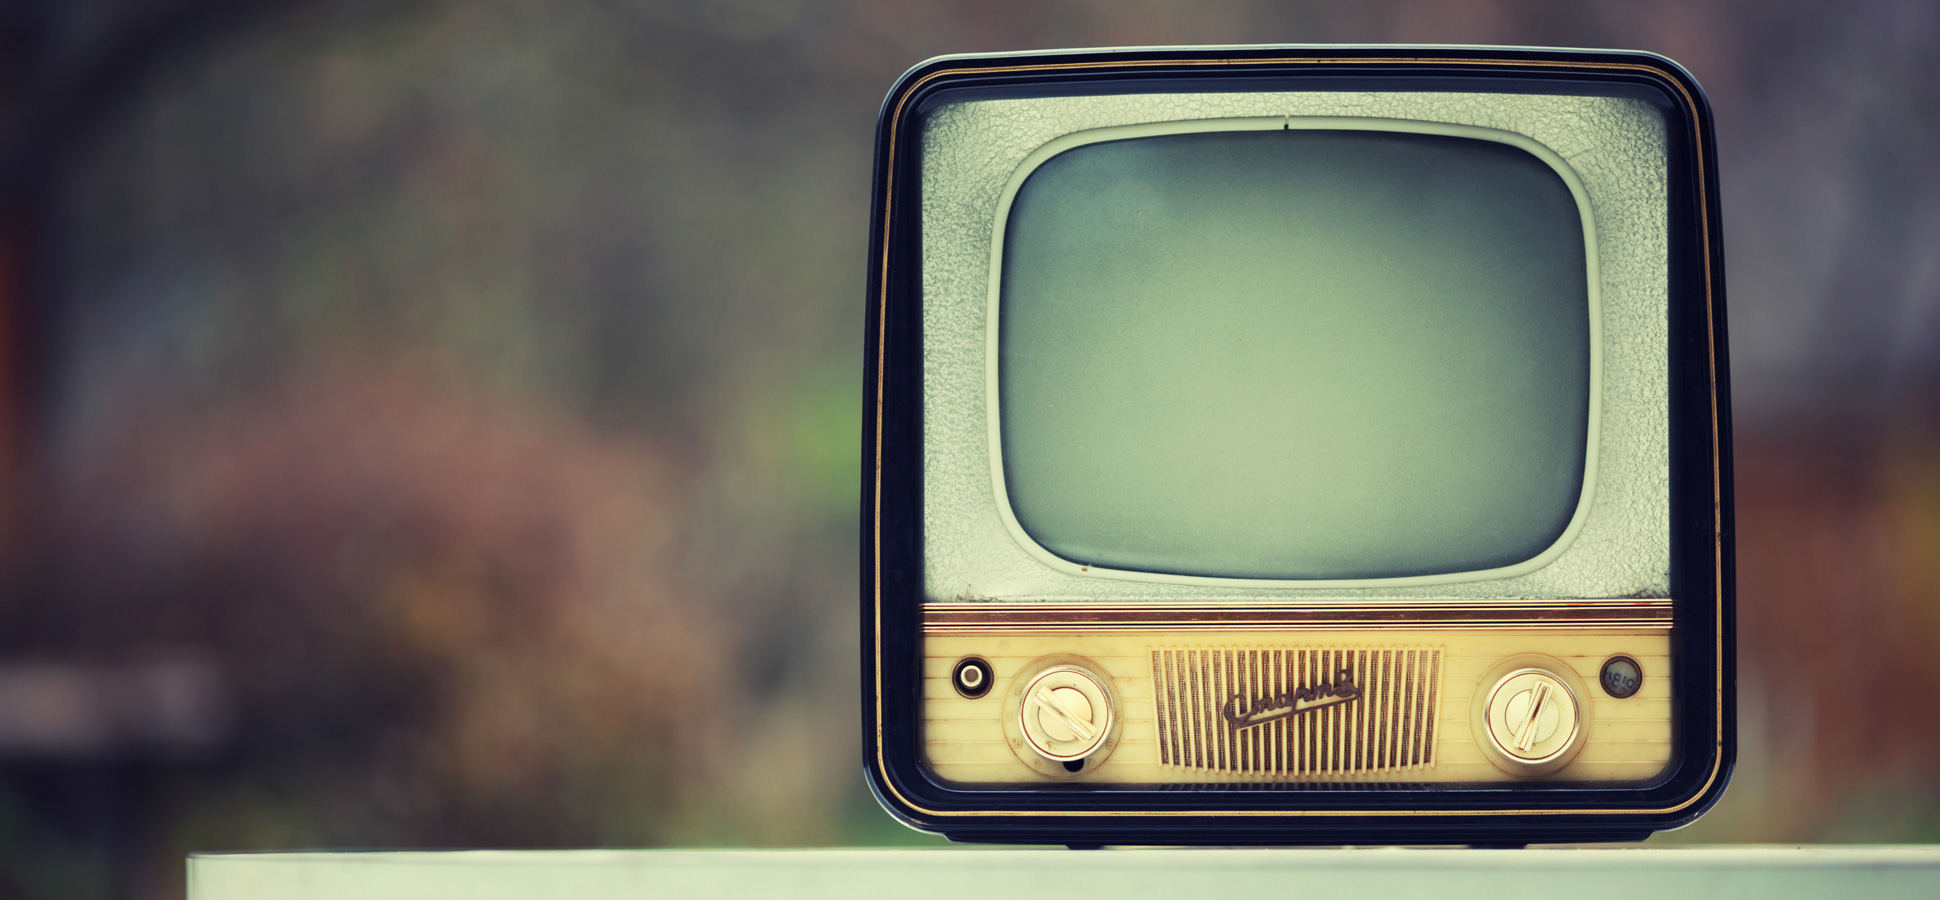 Amministrative 11 giugno, come trasmettere messaggi politici gratuiti in TV e Radio.